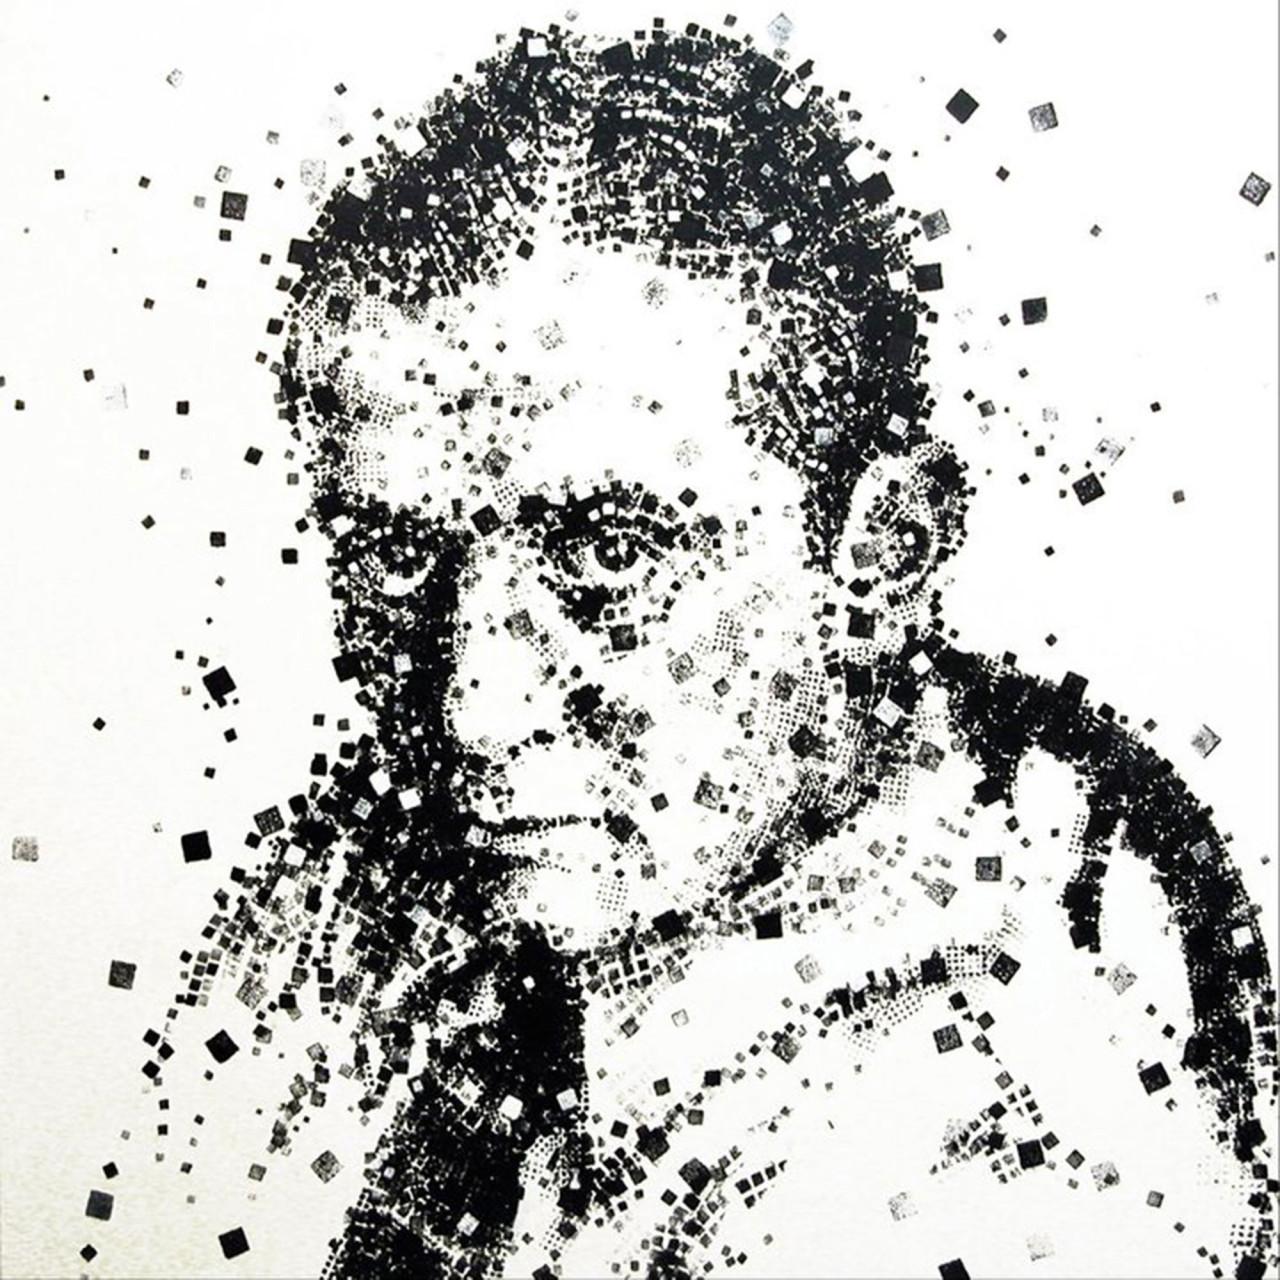 John Fante, 2009, tecnica mista su tavola 120x120 cm